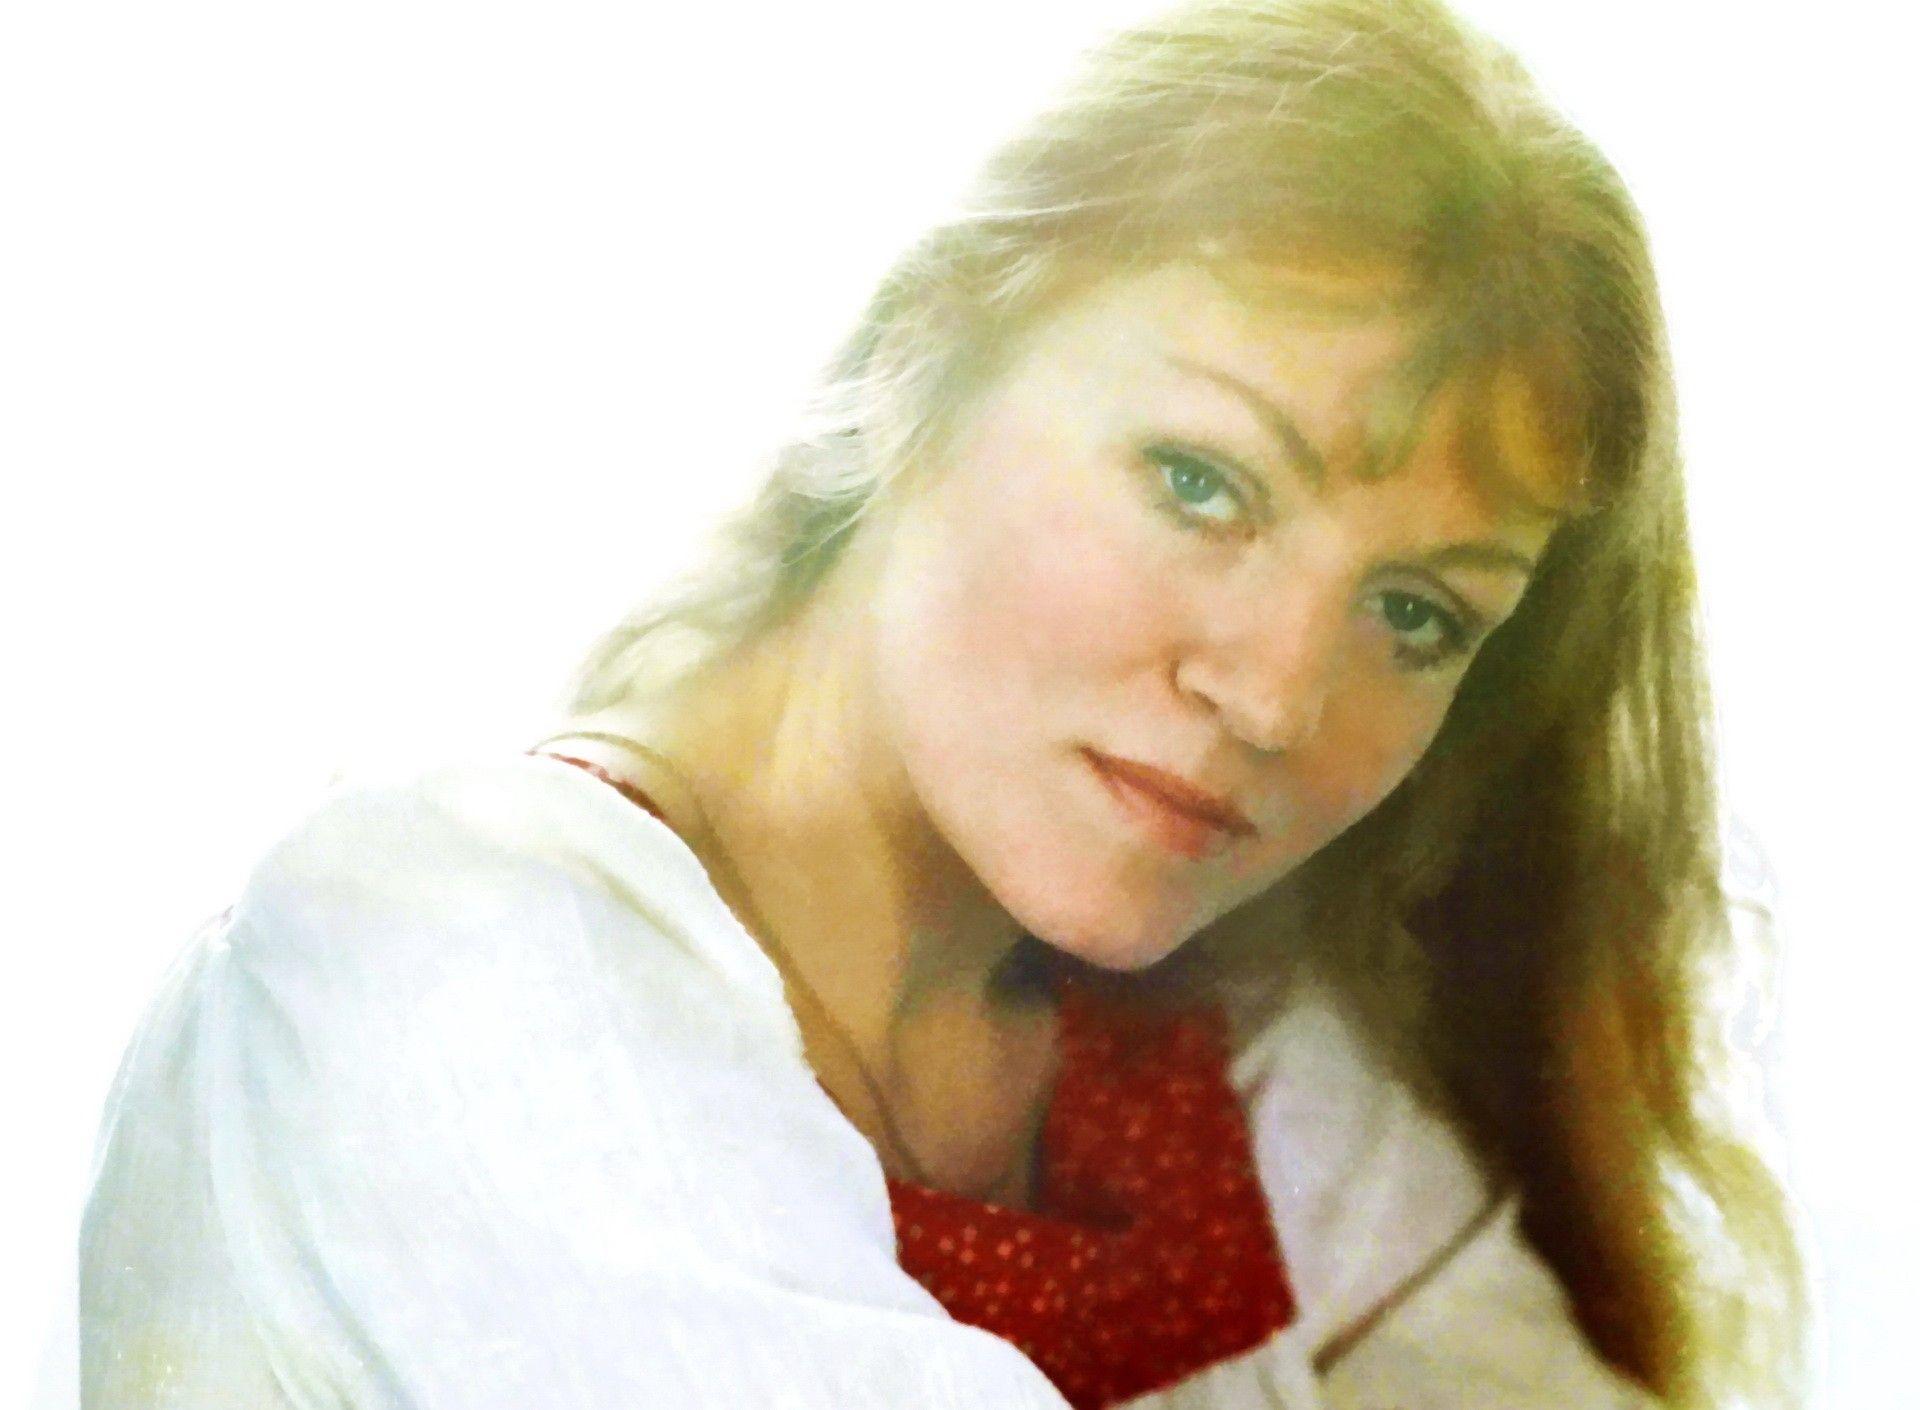 Мало известный портрет Анны Герман из архива журнала СЕНАТОР, публикуется впервые в четь 85-летия со Дня рождения певицы!